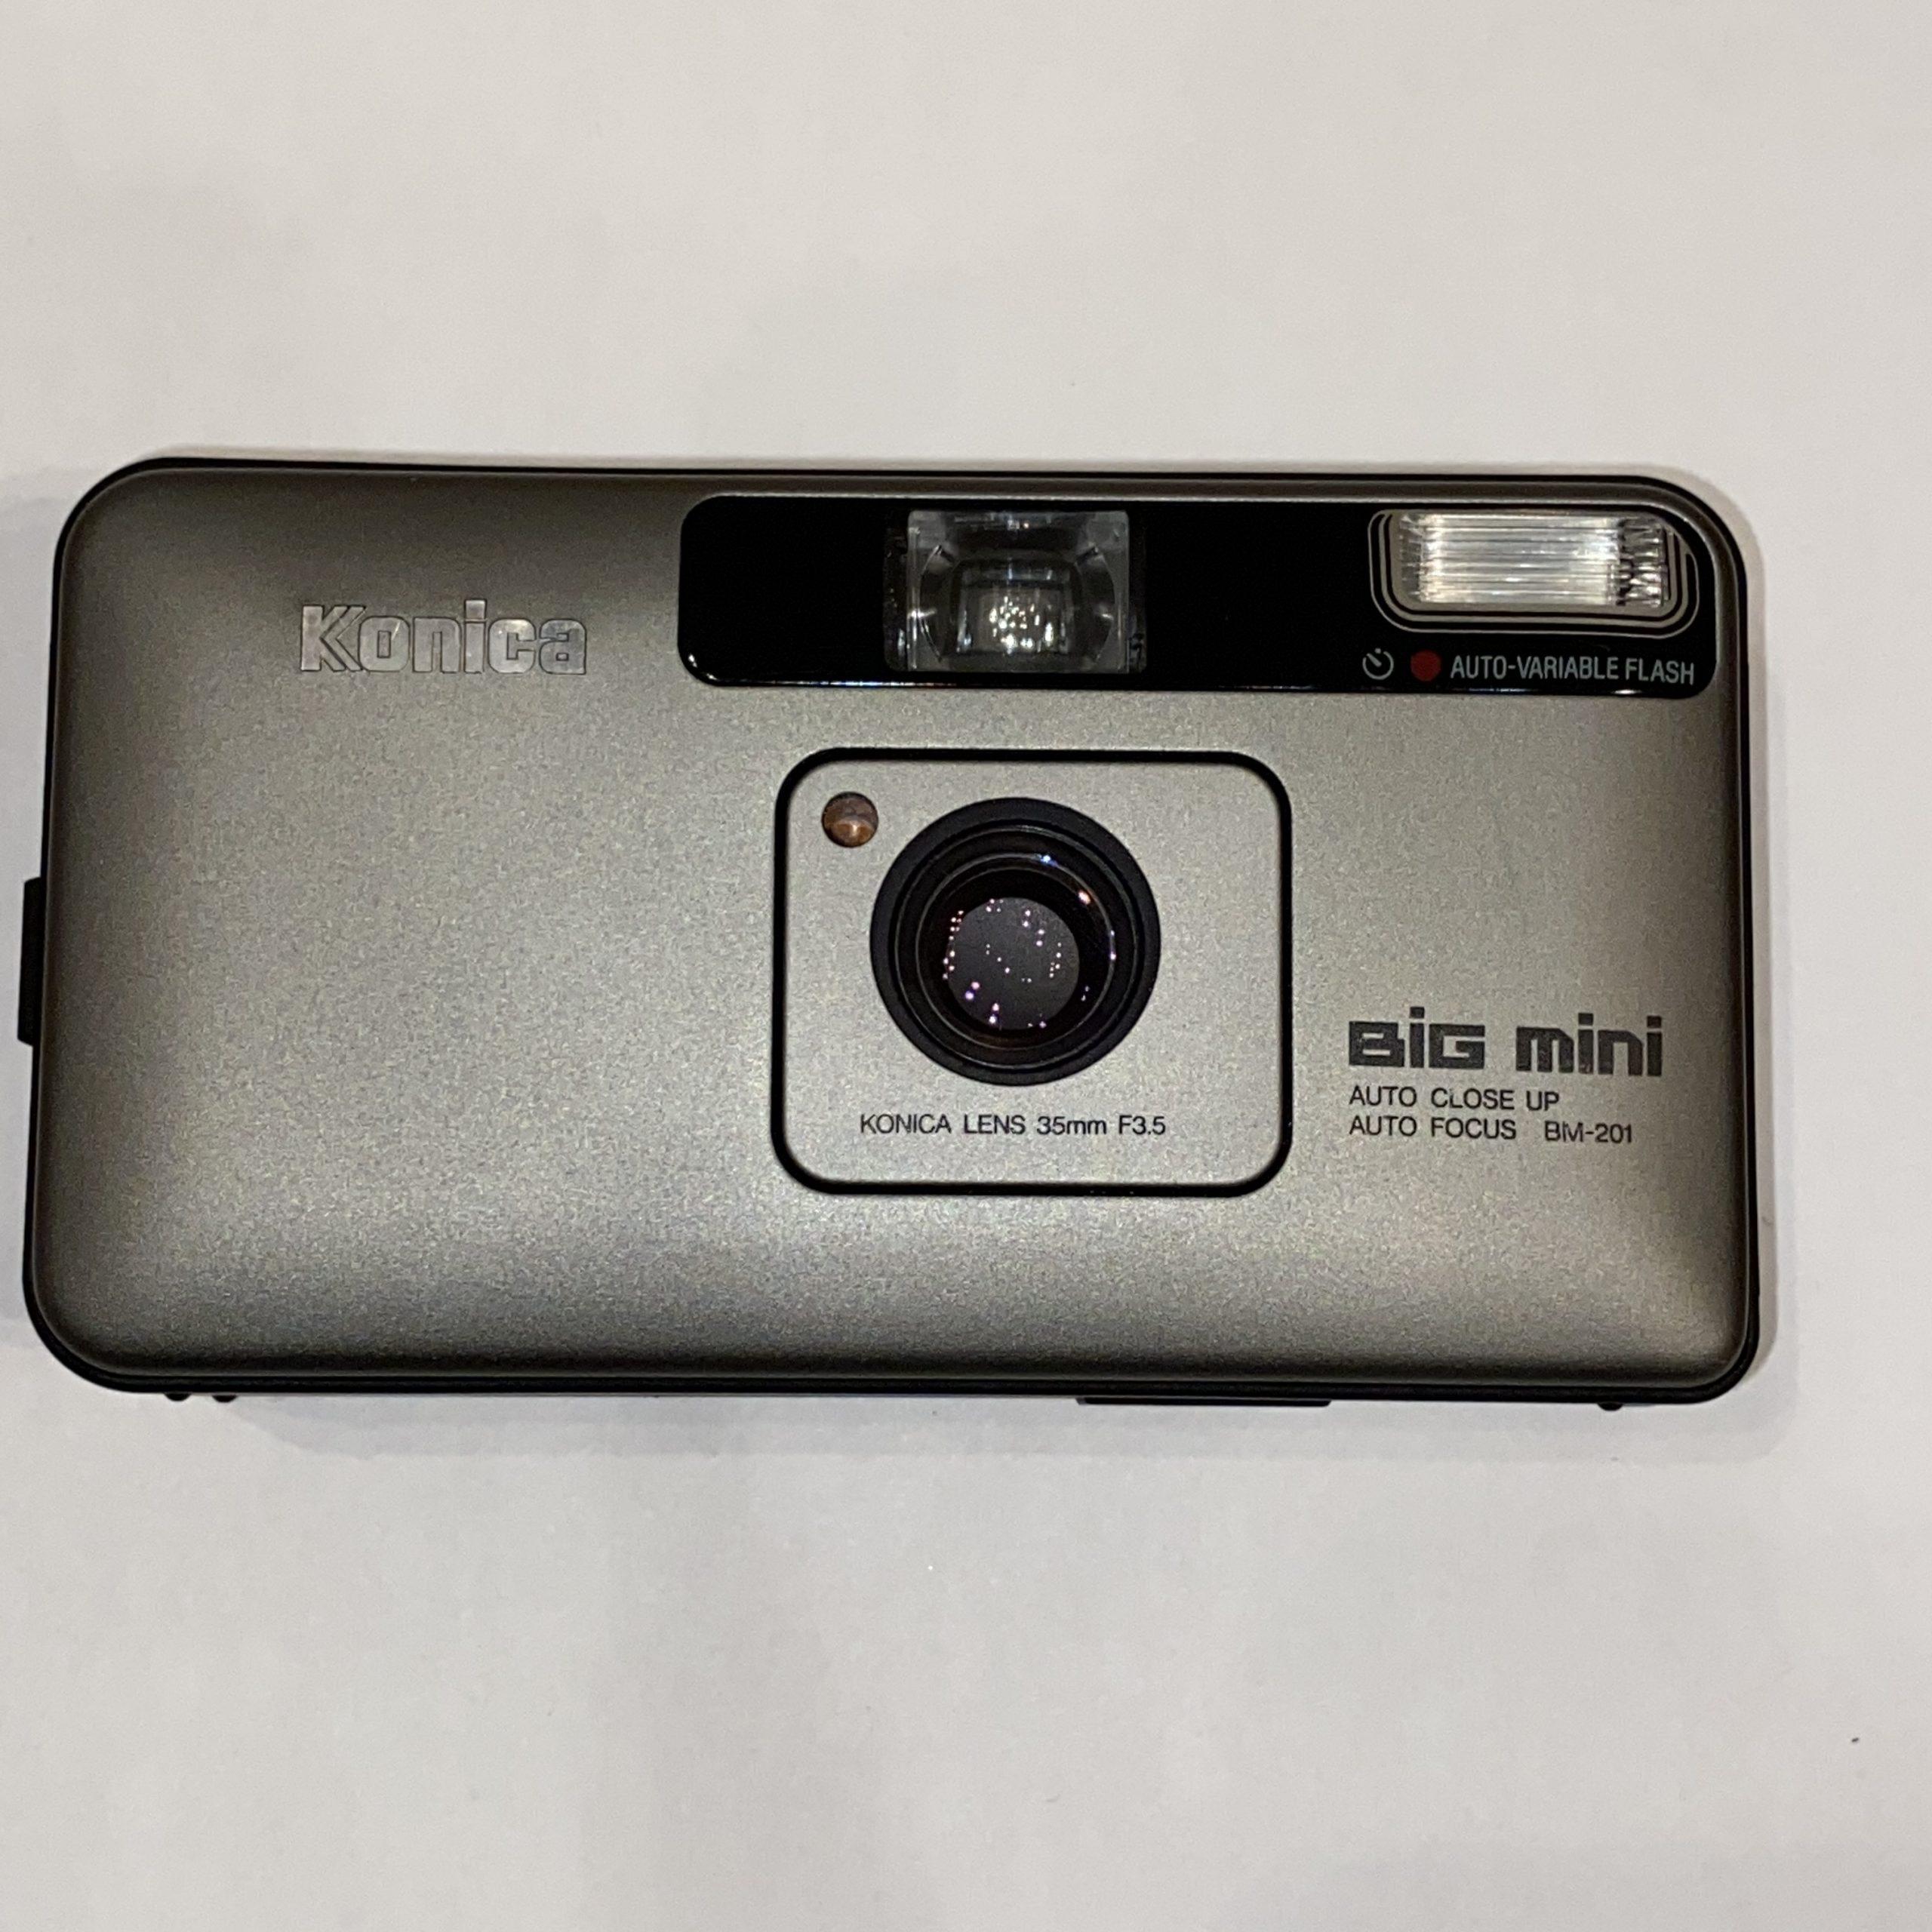 【Konica/コニカ】Big mini BM-201 コンパクトフィルムカメラ ケース付き